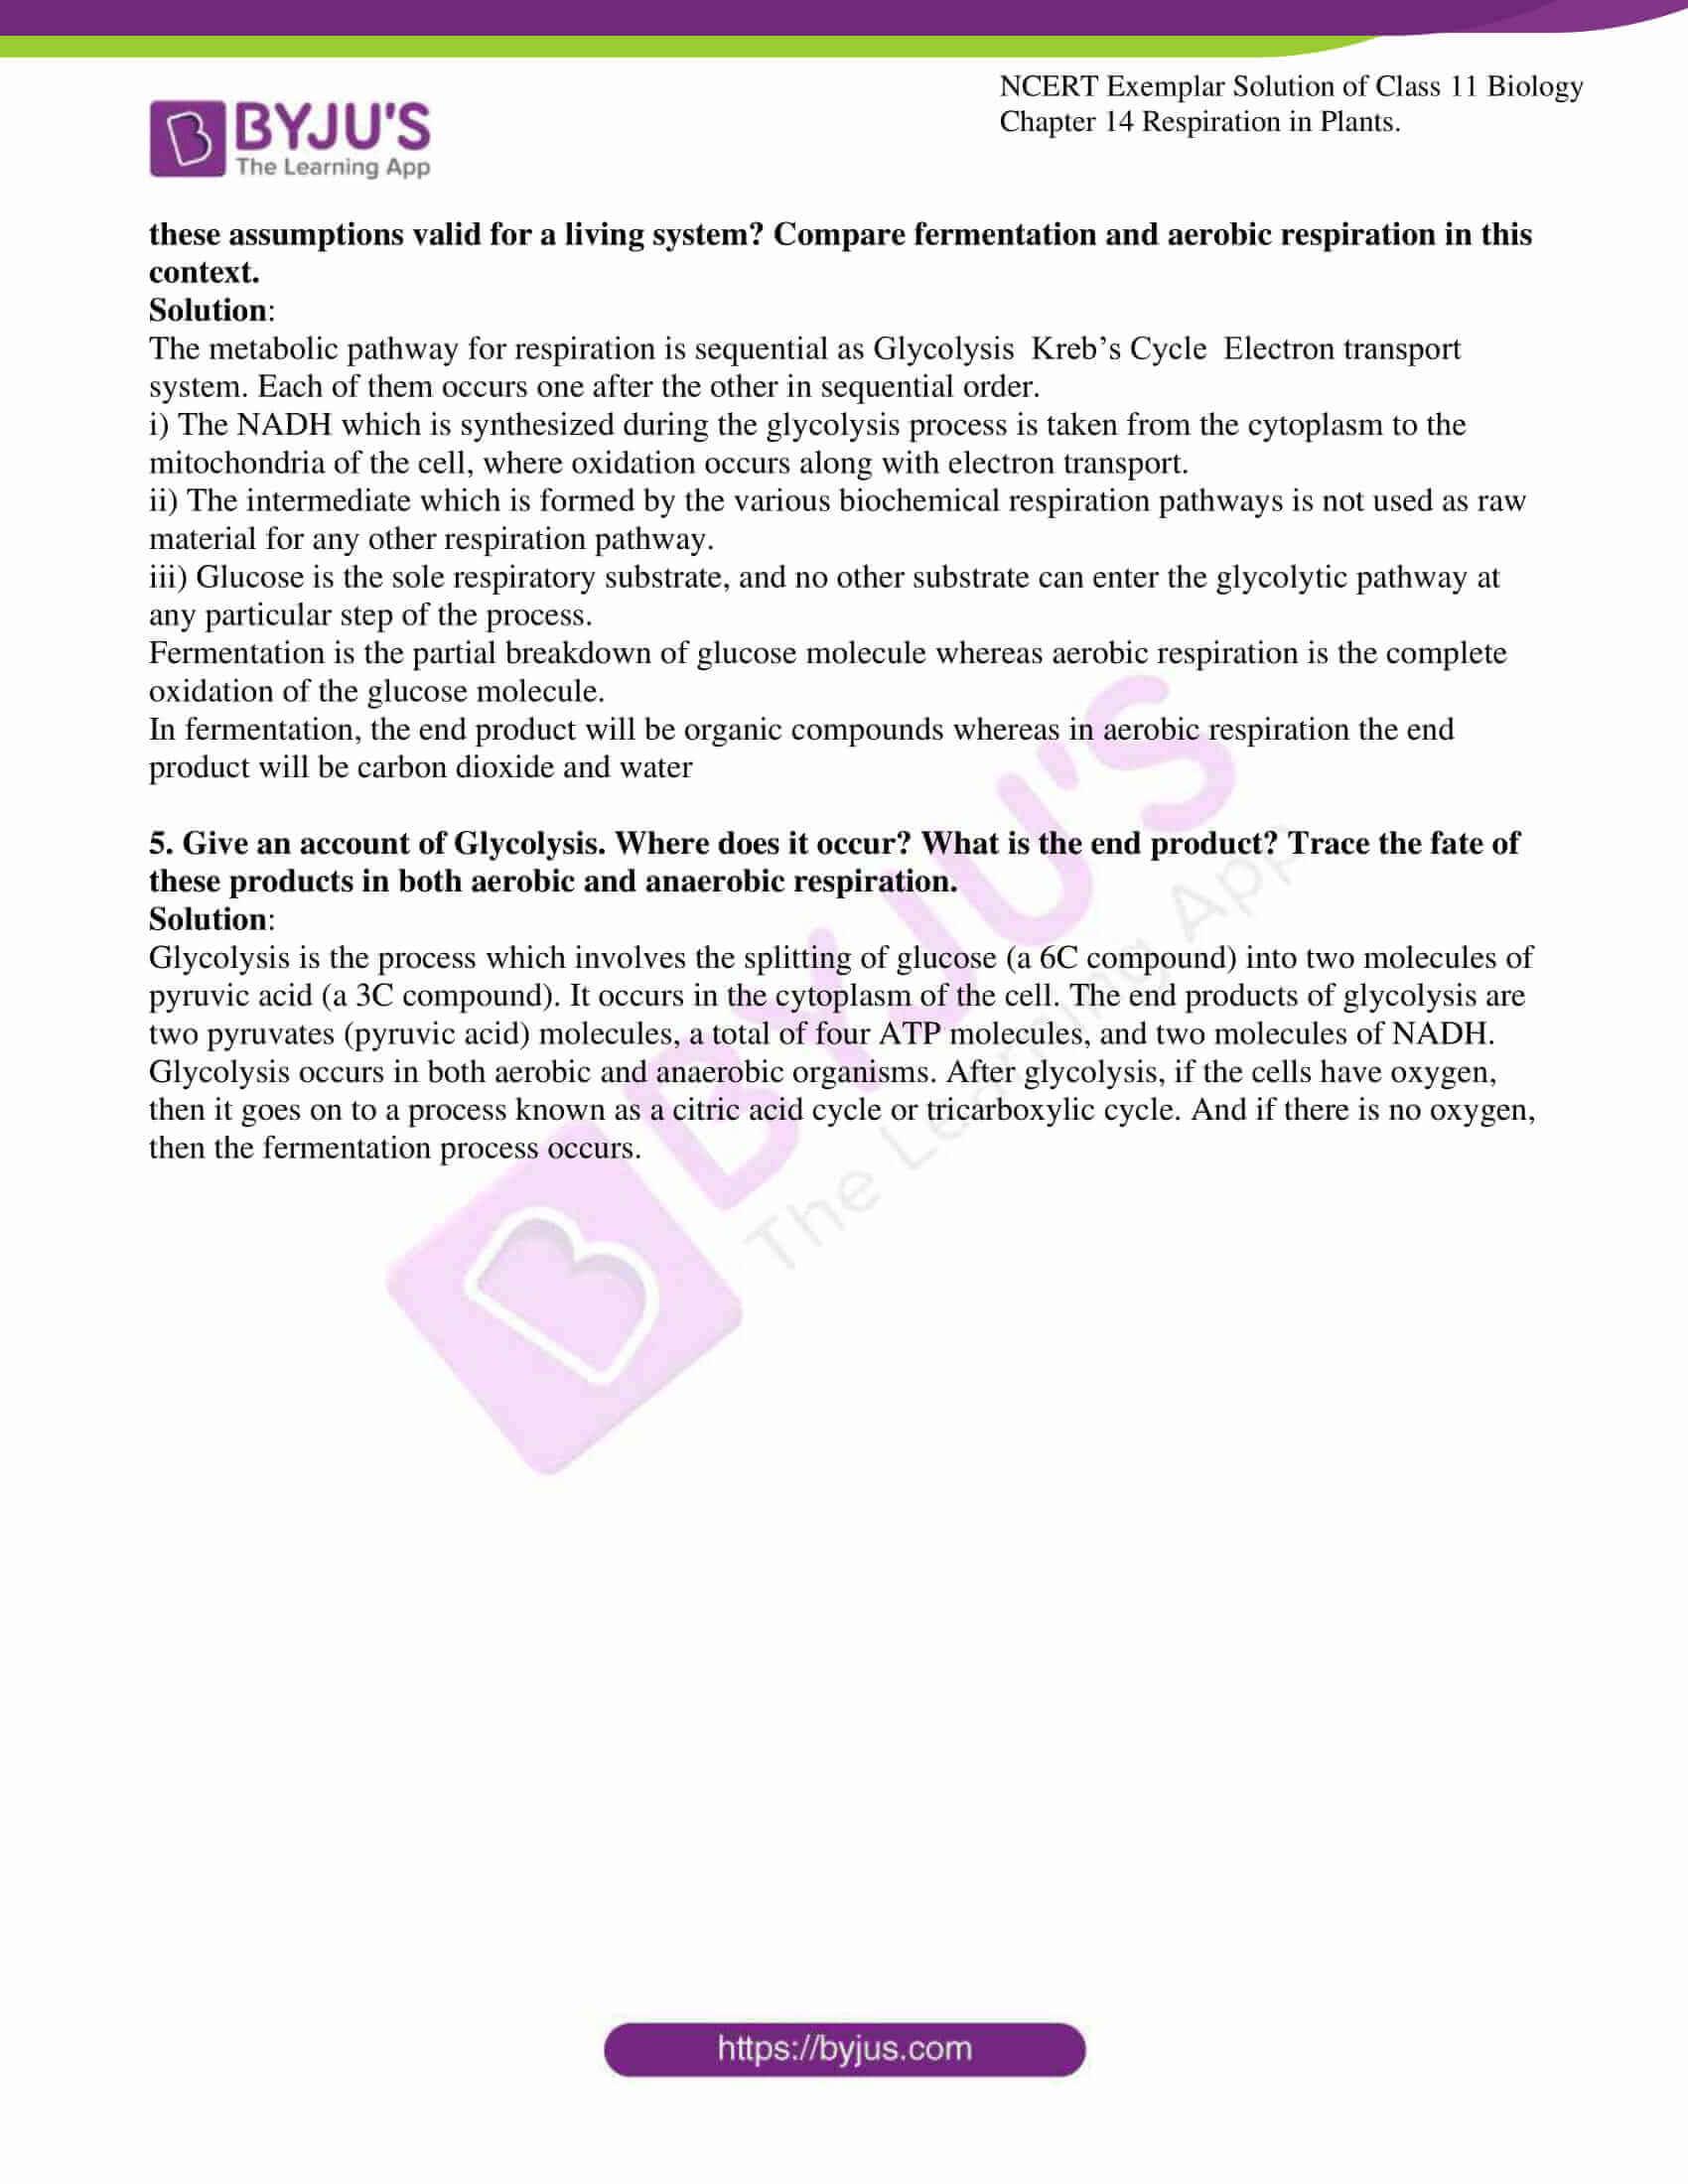 ncert exemplar solutions class 11 biology chapter 14 12